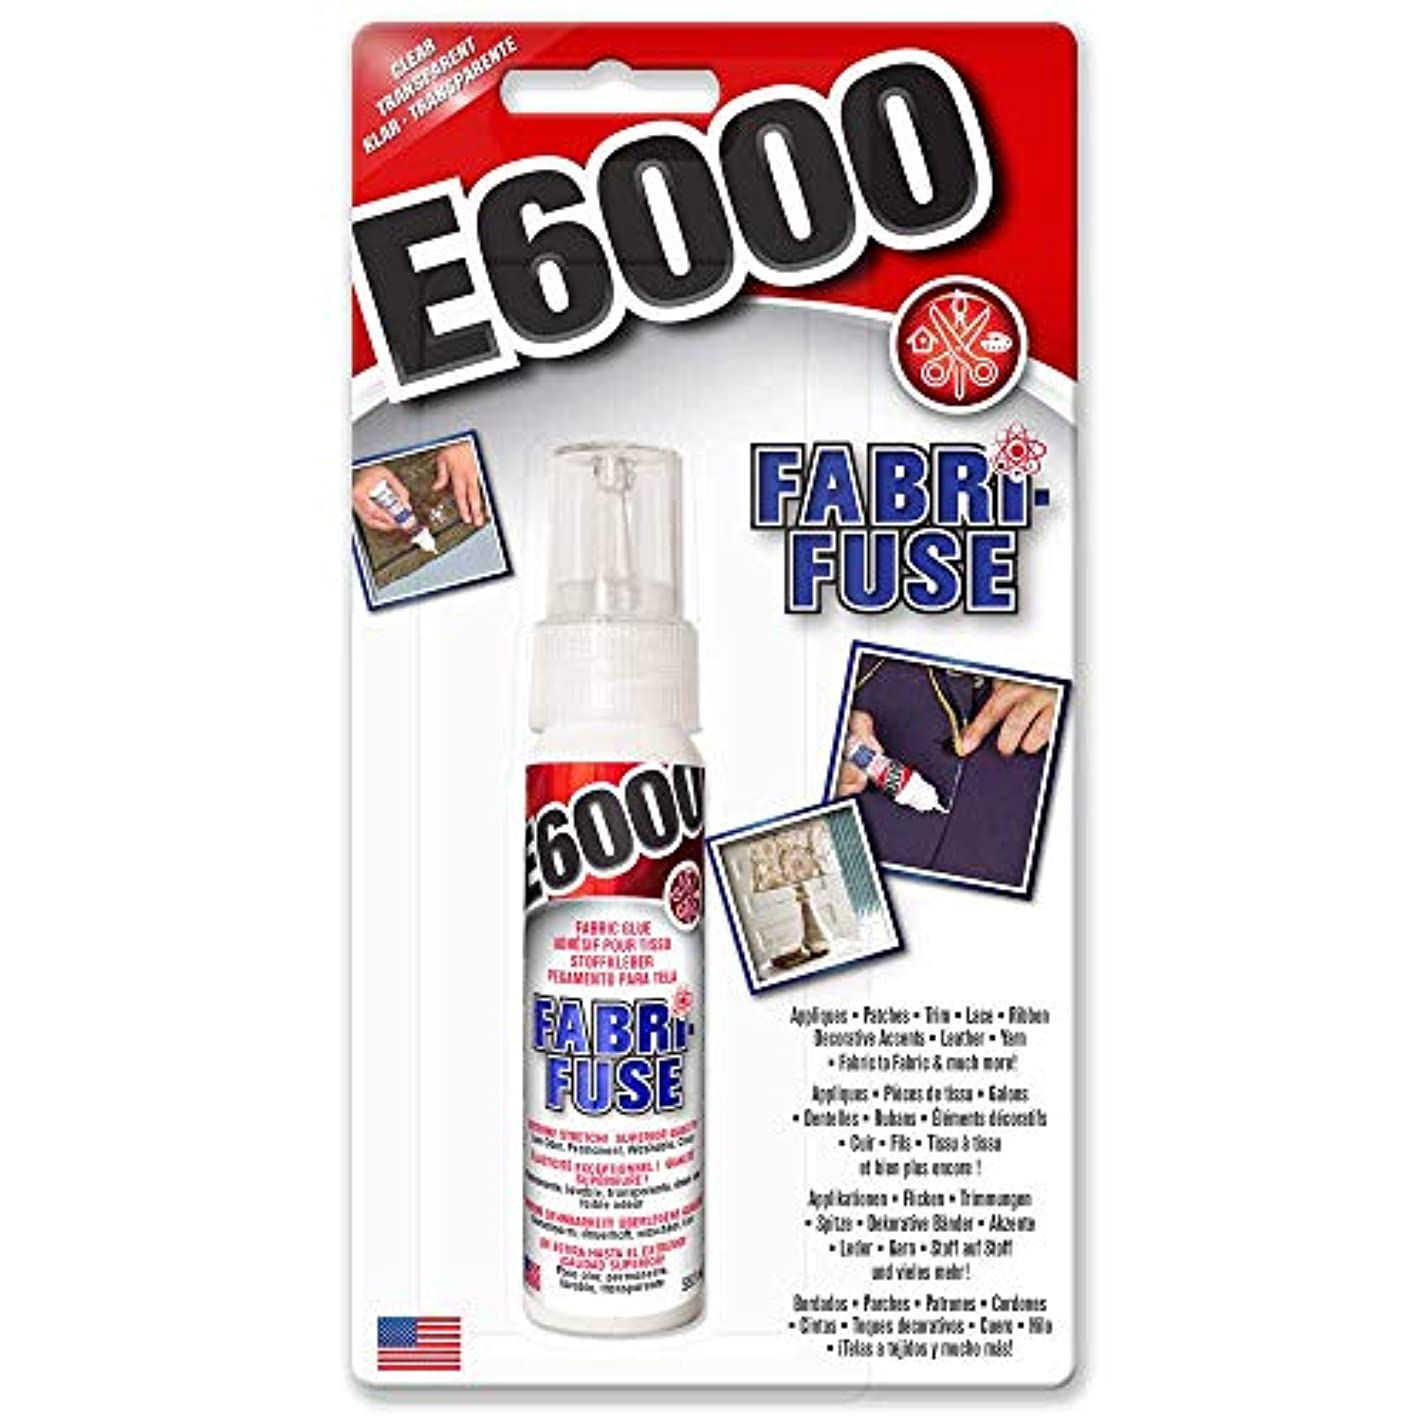 Eclectic E6000 Fabri Fuse Adhesive Glue Bonds Fabric